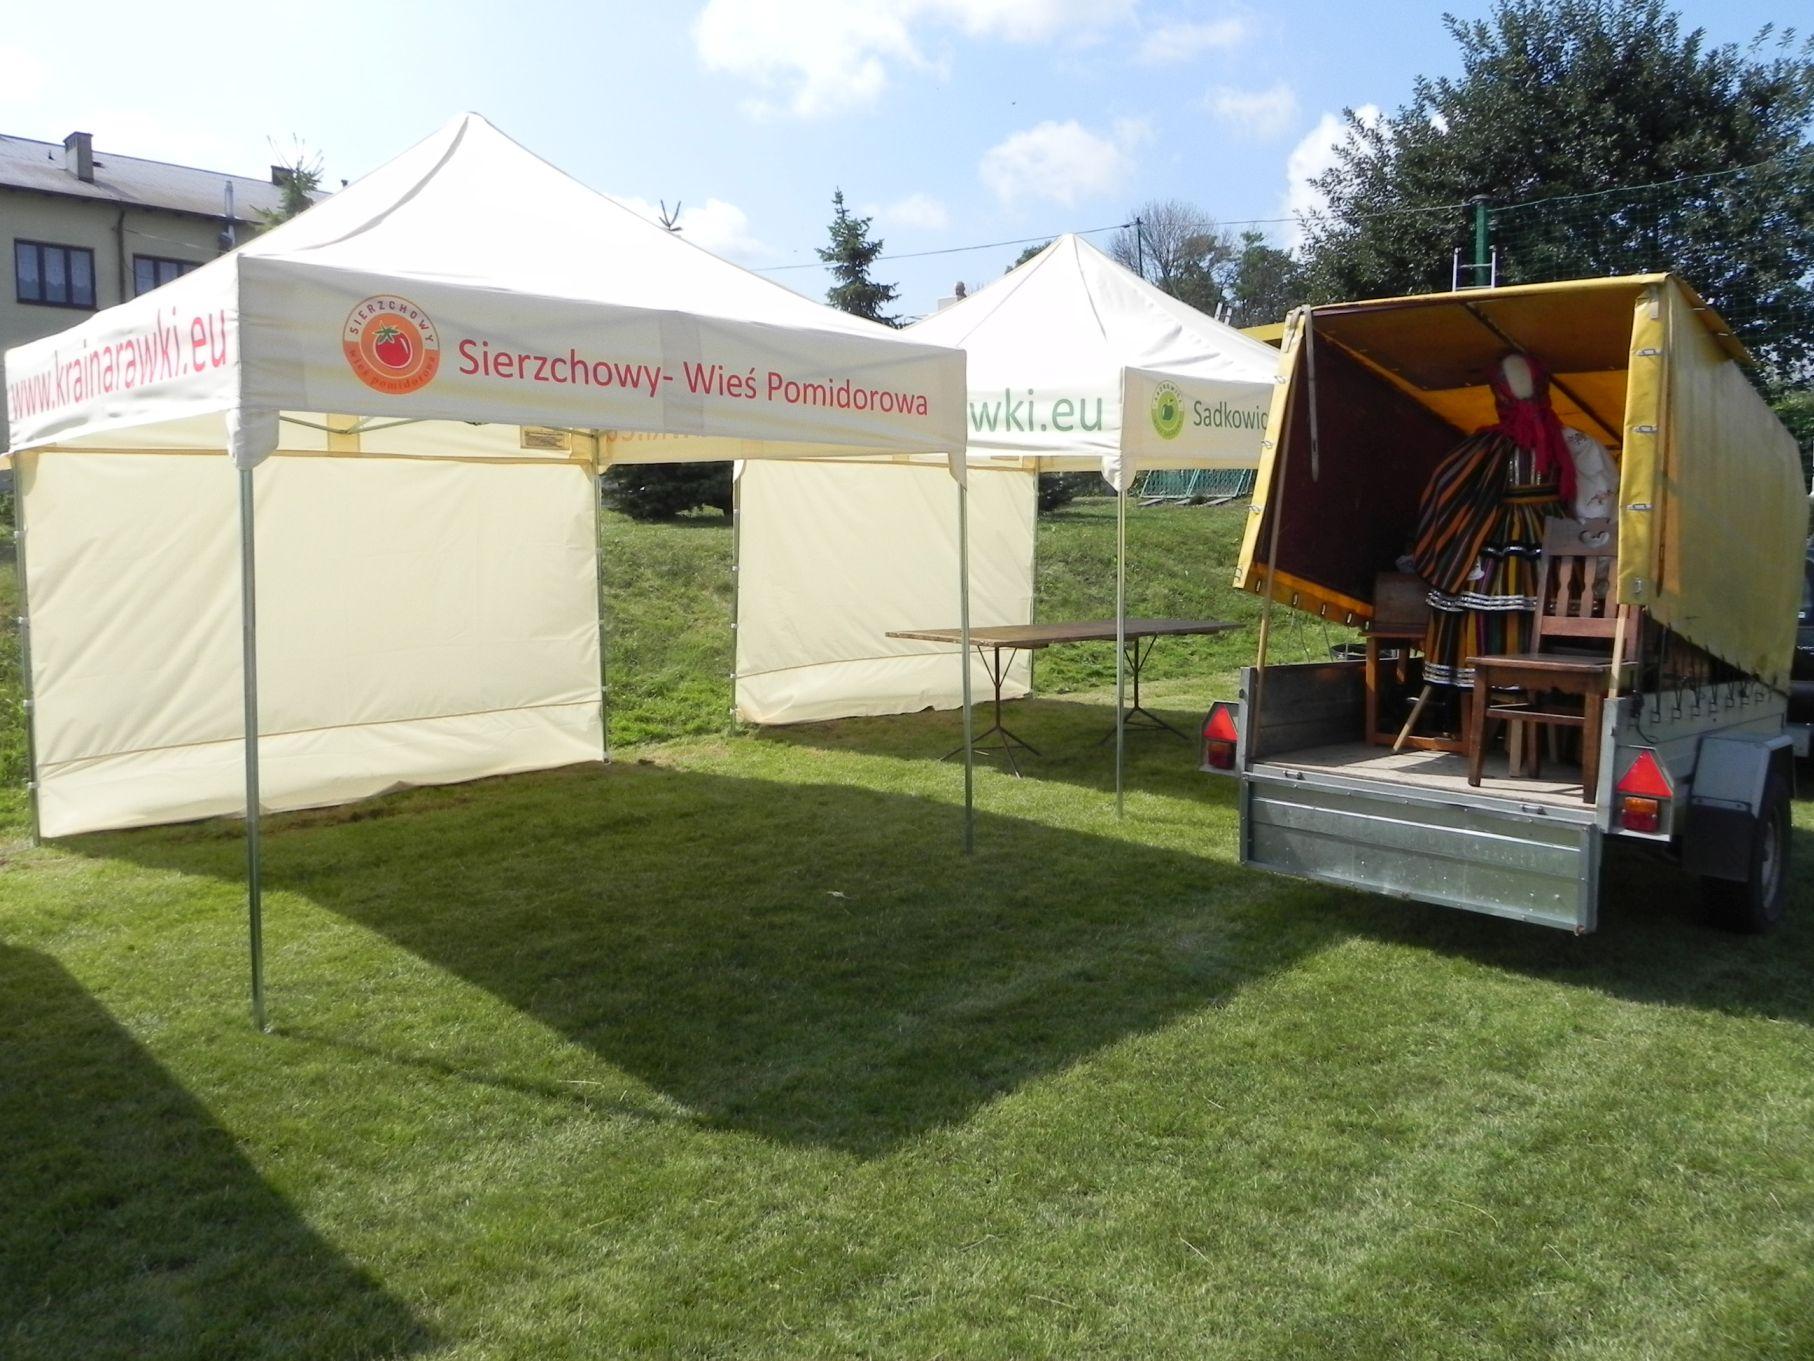 2013-08-13 Piknik w Regnowie (3)